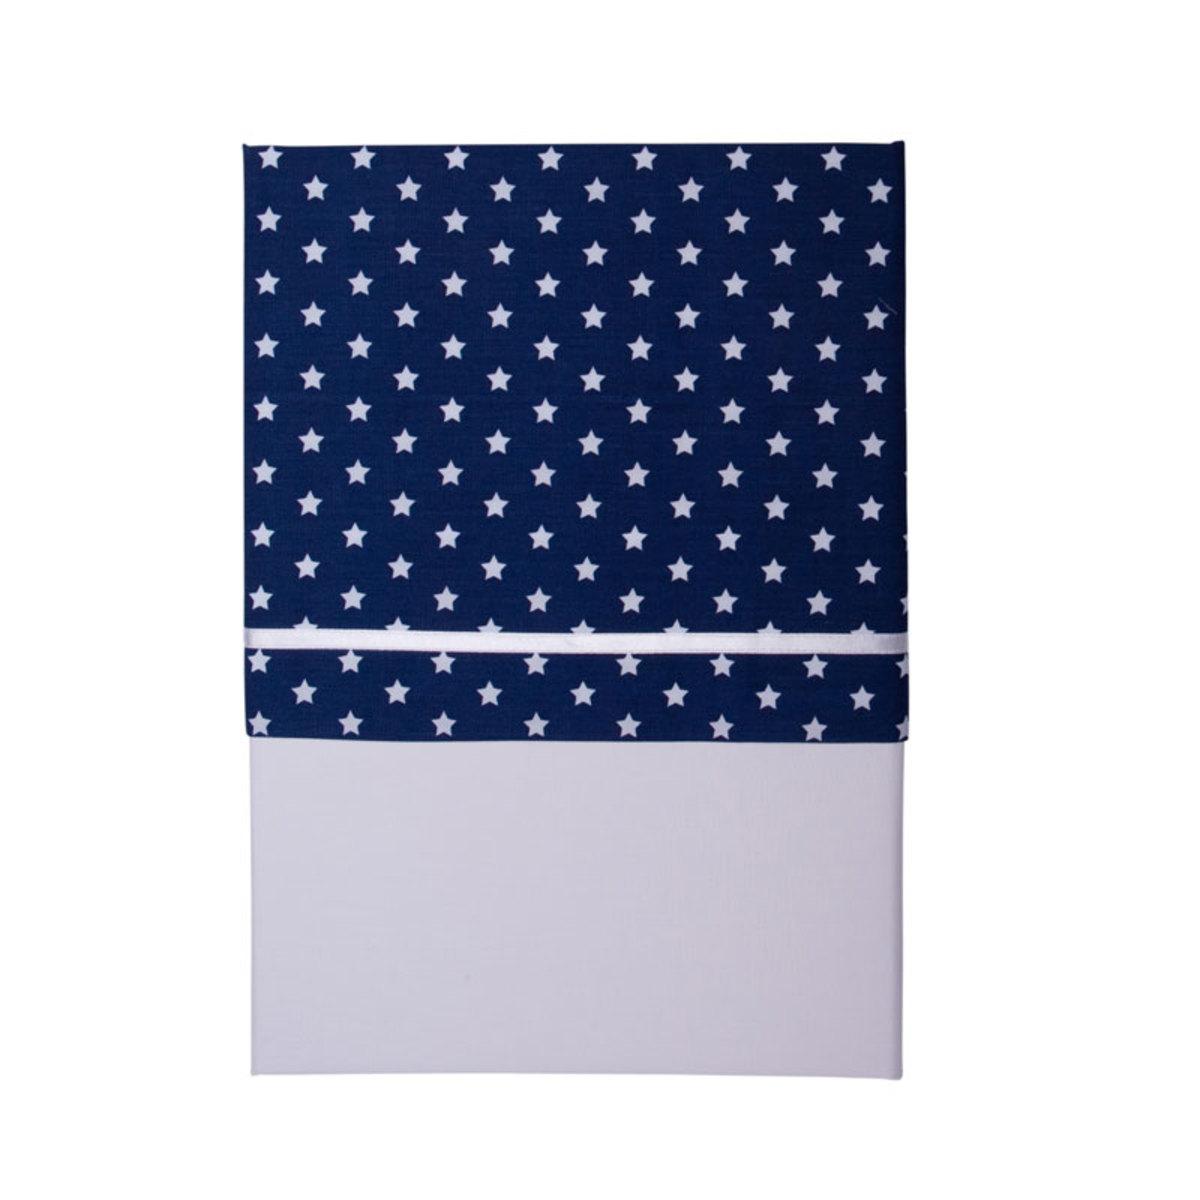 little dutch drap de lit bleu avec des etoiles blanches linge de lit little dutch sur l. Black Bedroom Furniture Sets. Home Design Ideas